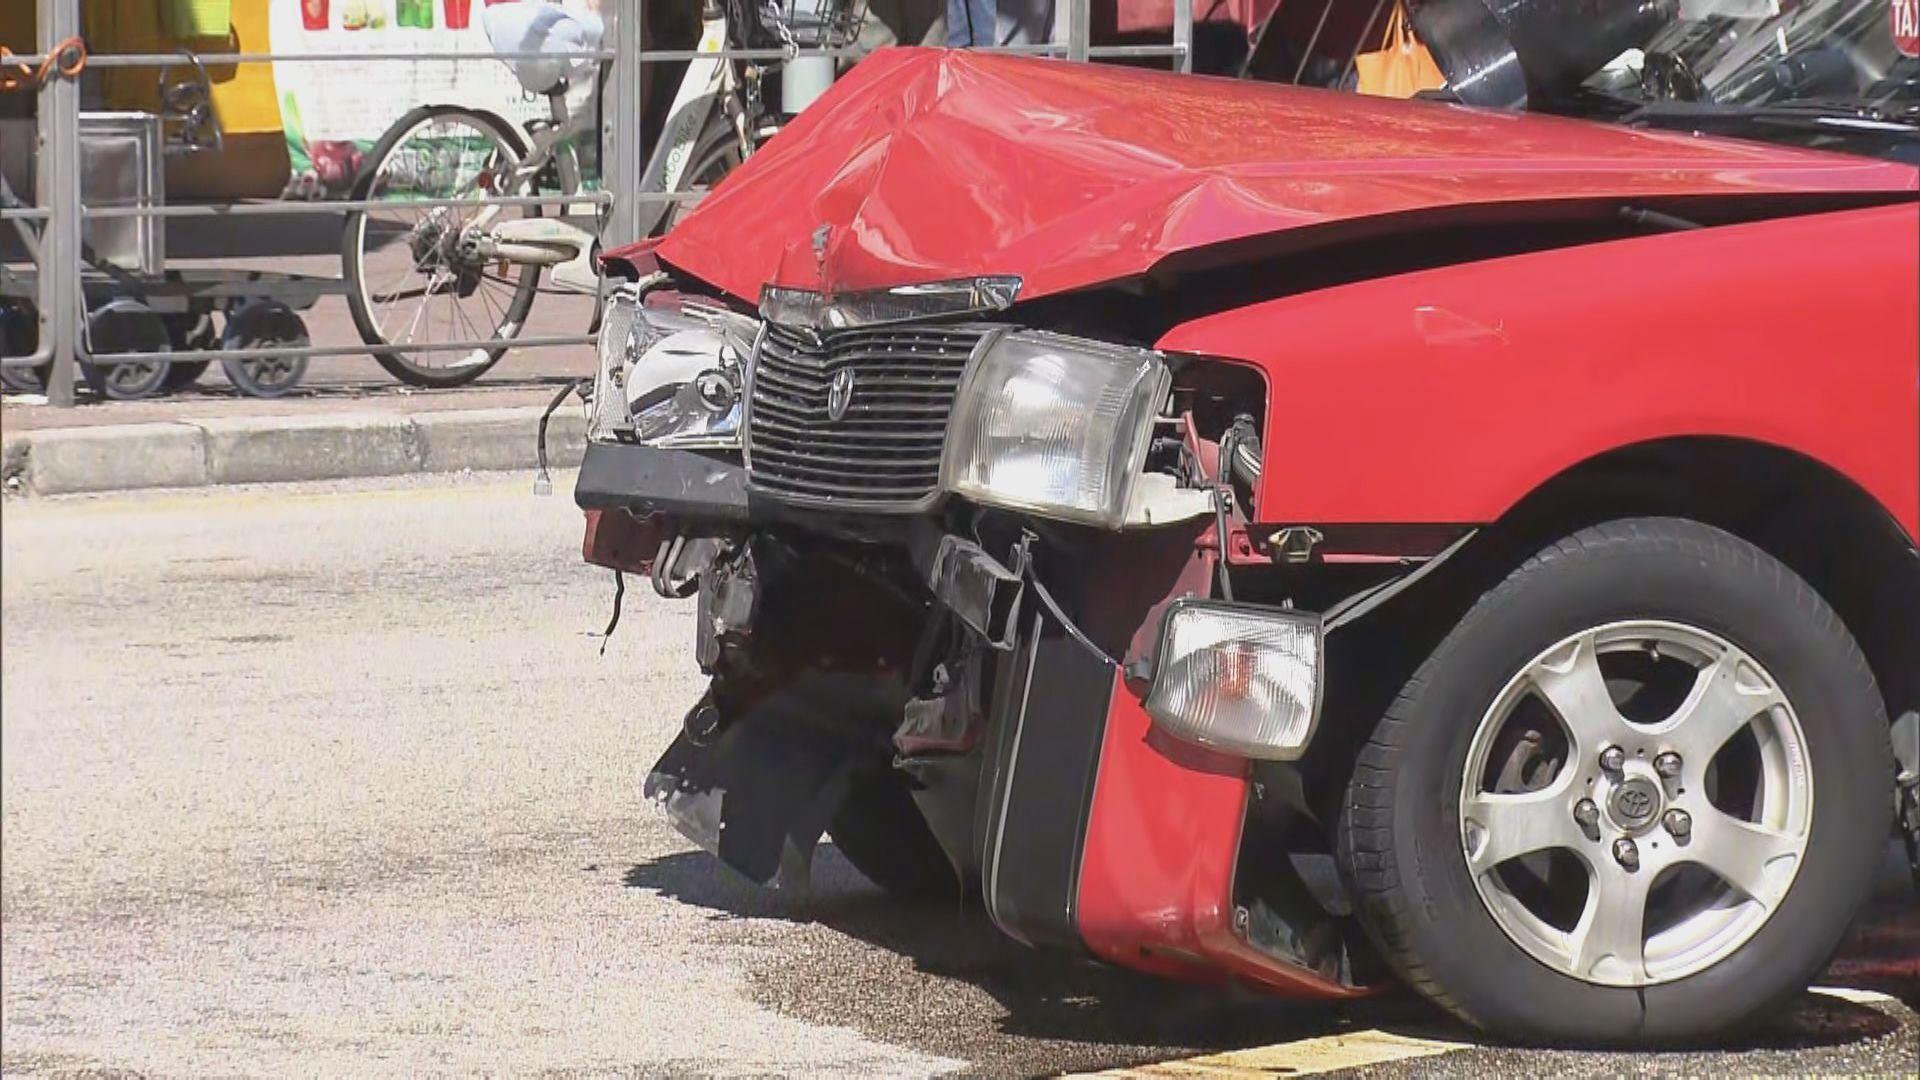 大埔的士車禍多一人死亡 四人仍留醫